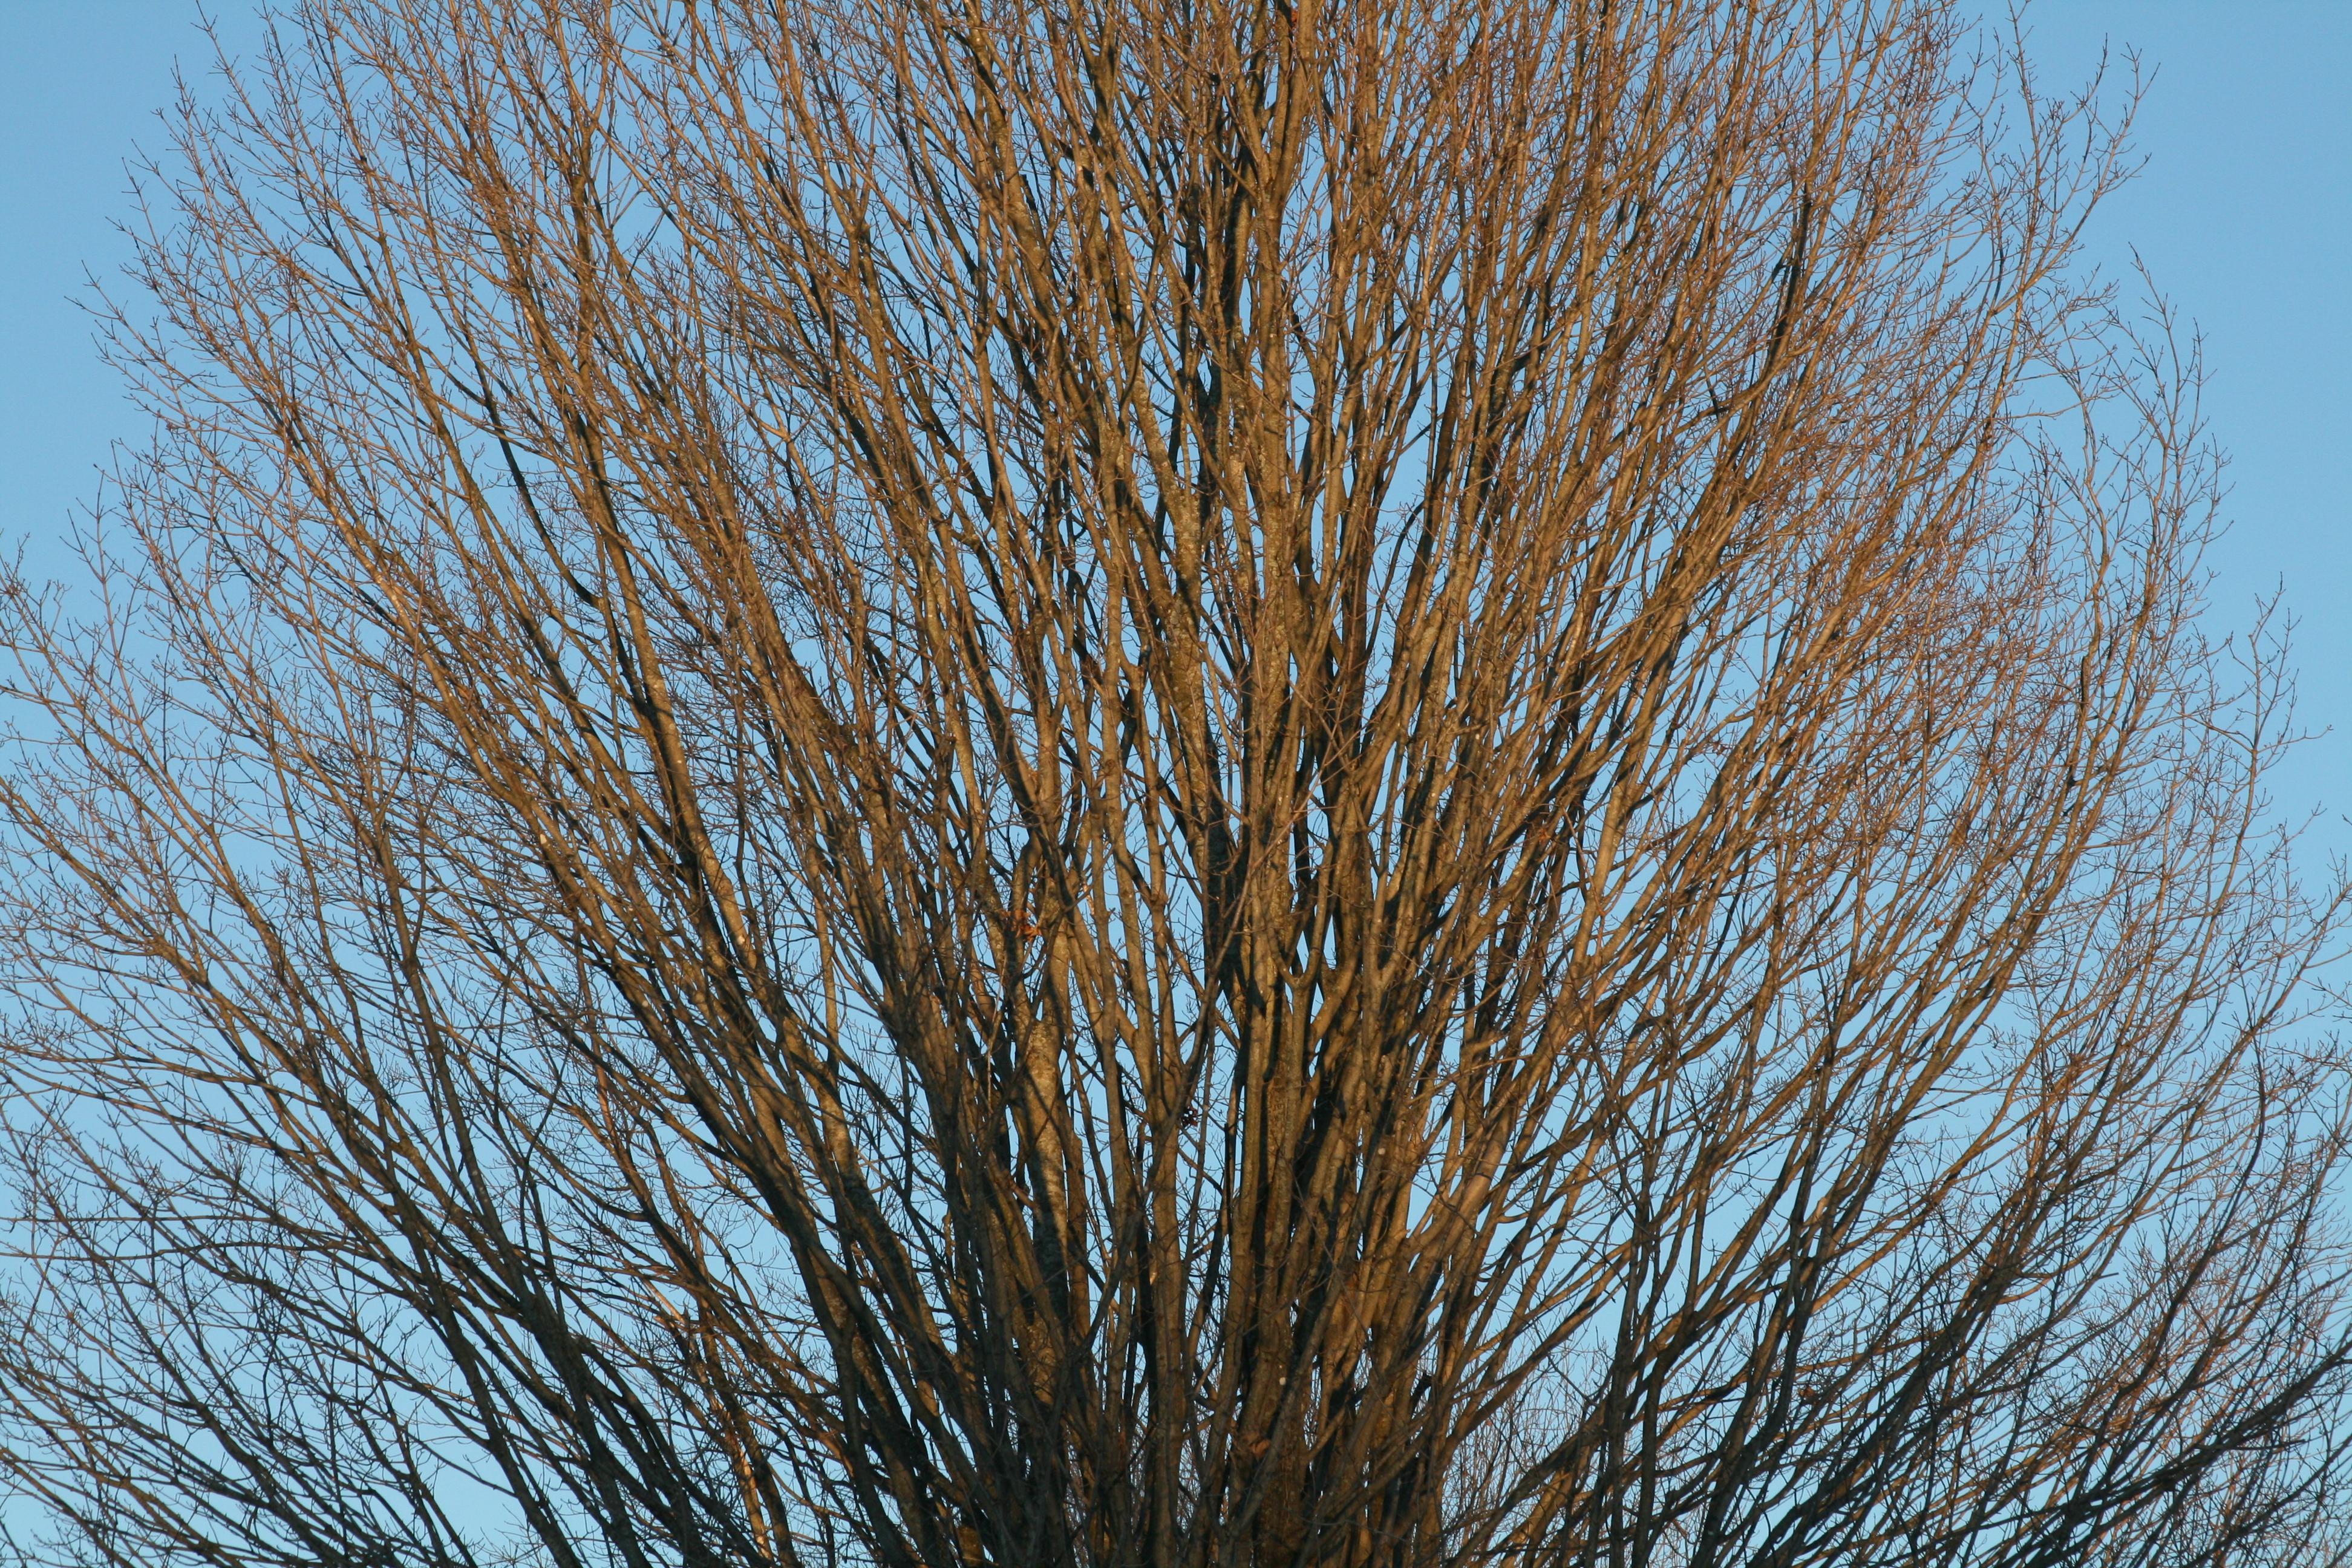 light filtering through tree